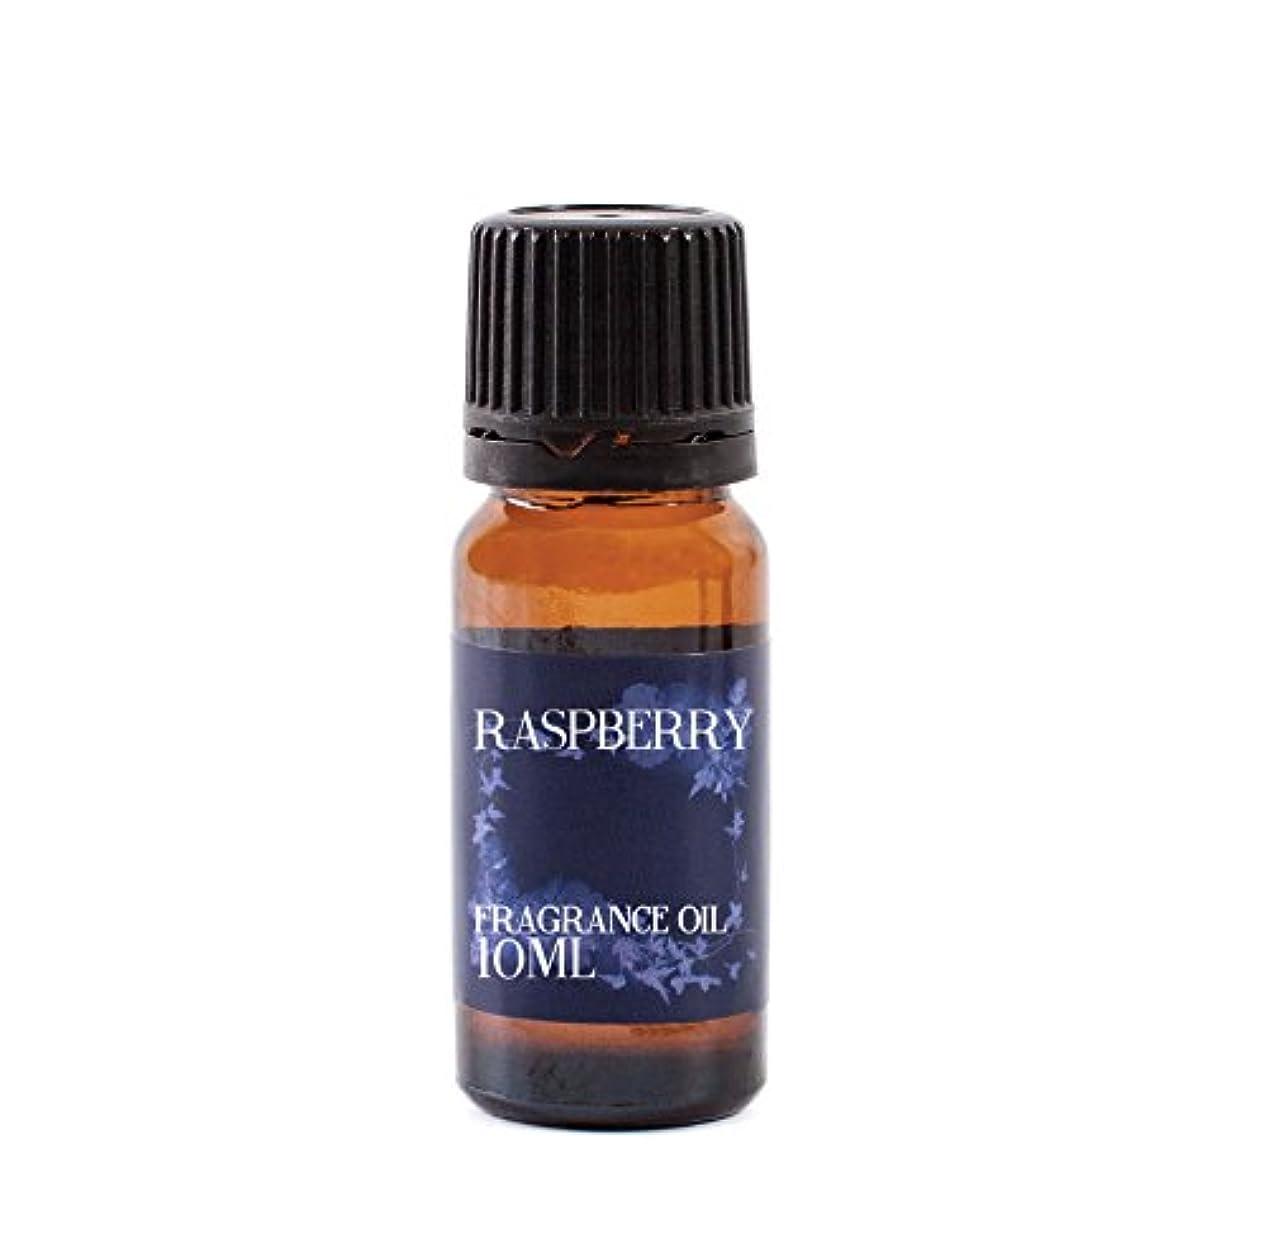 アクセサリー既婚甥Raspberry Fragrance Oil - 10ml